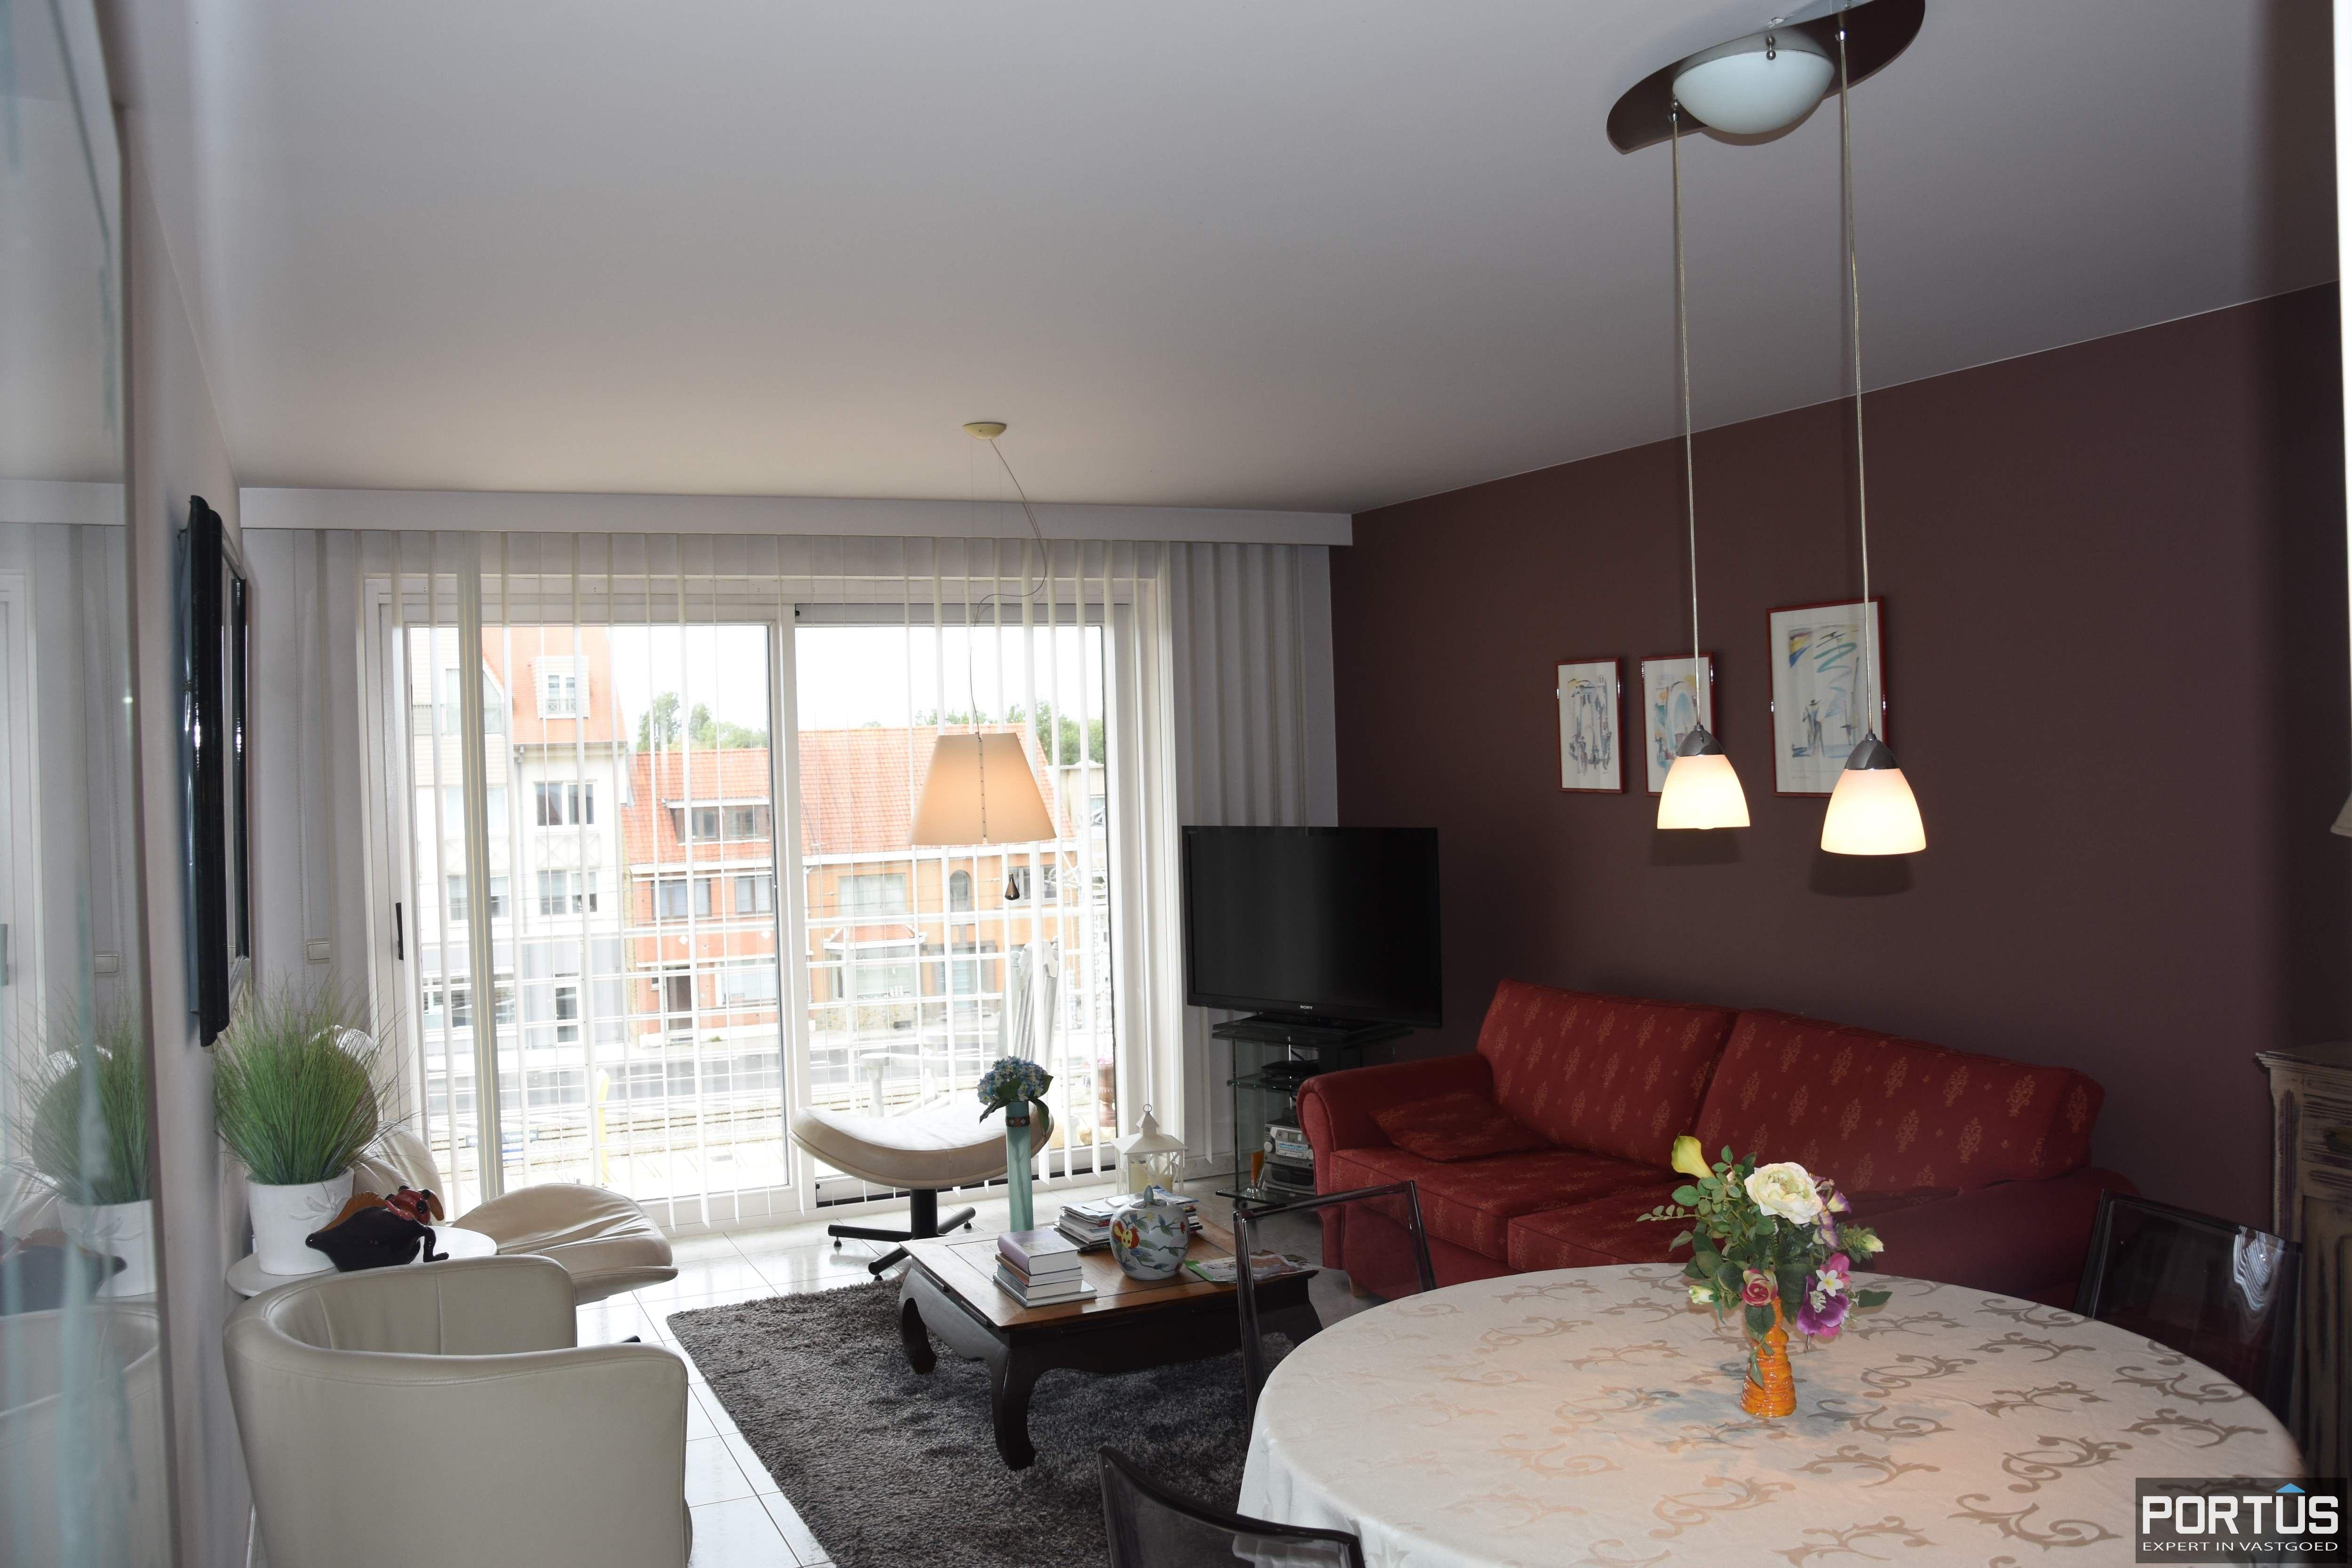 Appartement te huur met 1 slaapkamer te Nieuwpoort - 11659